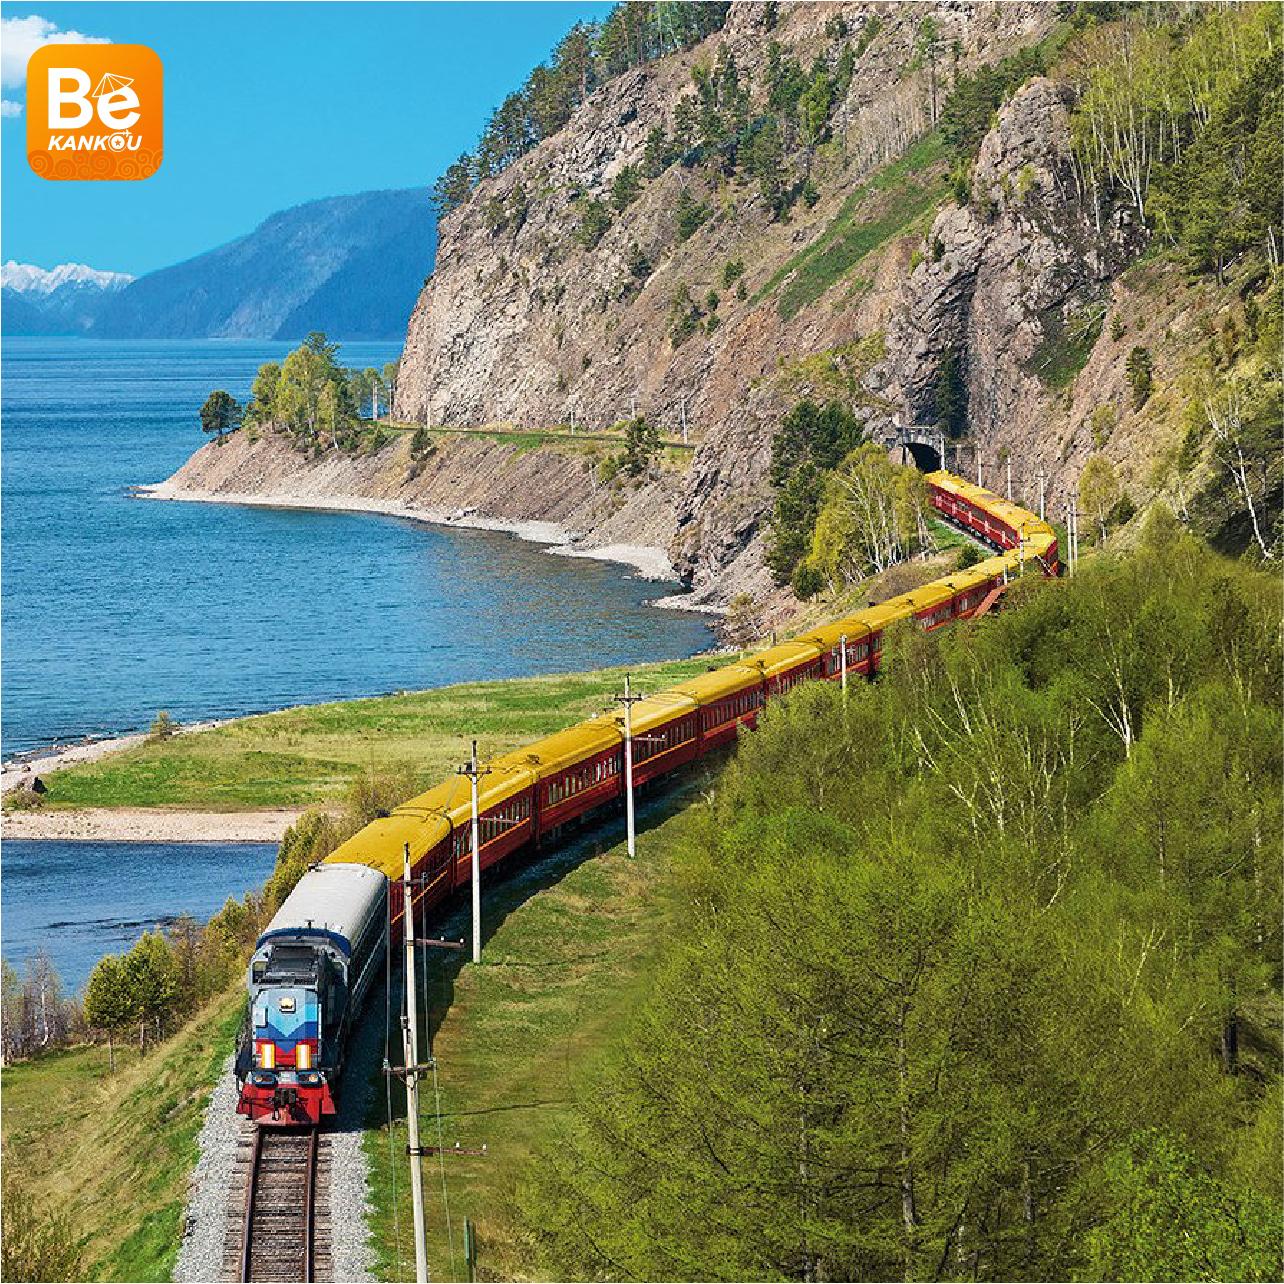 ベトナムの観光経験:列車でベトナム一周旅